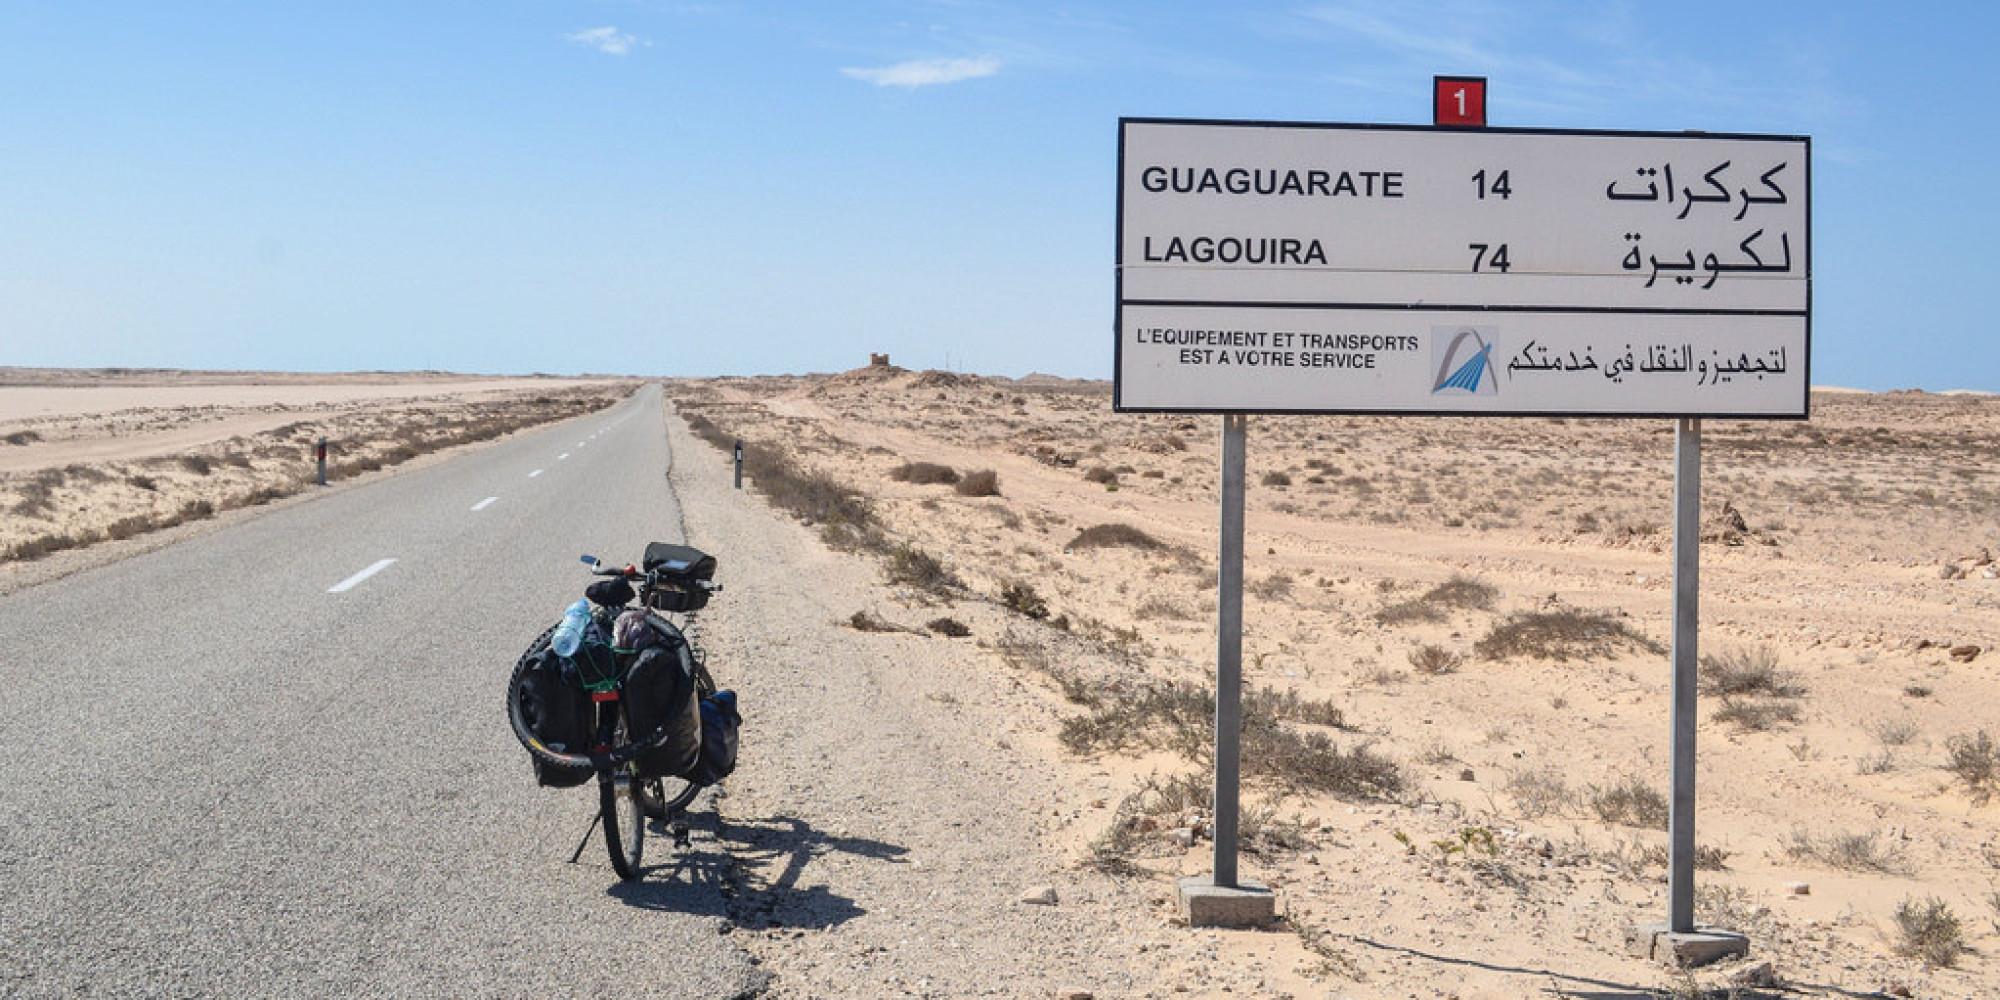 Marrakech : L'Ordre des avocats exprime son soutien total à l'intervention des FAR à El Guerguarat